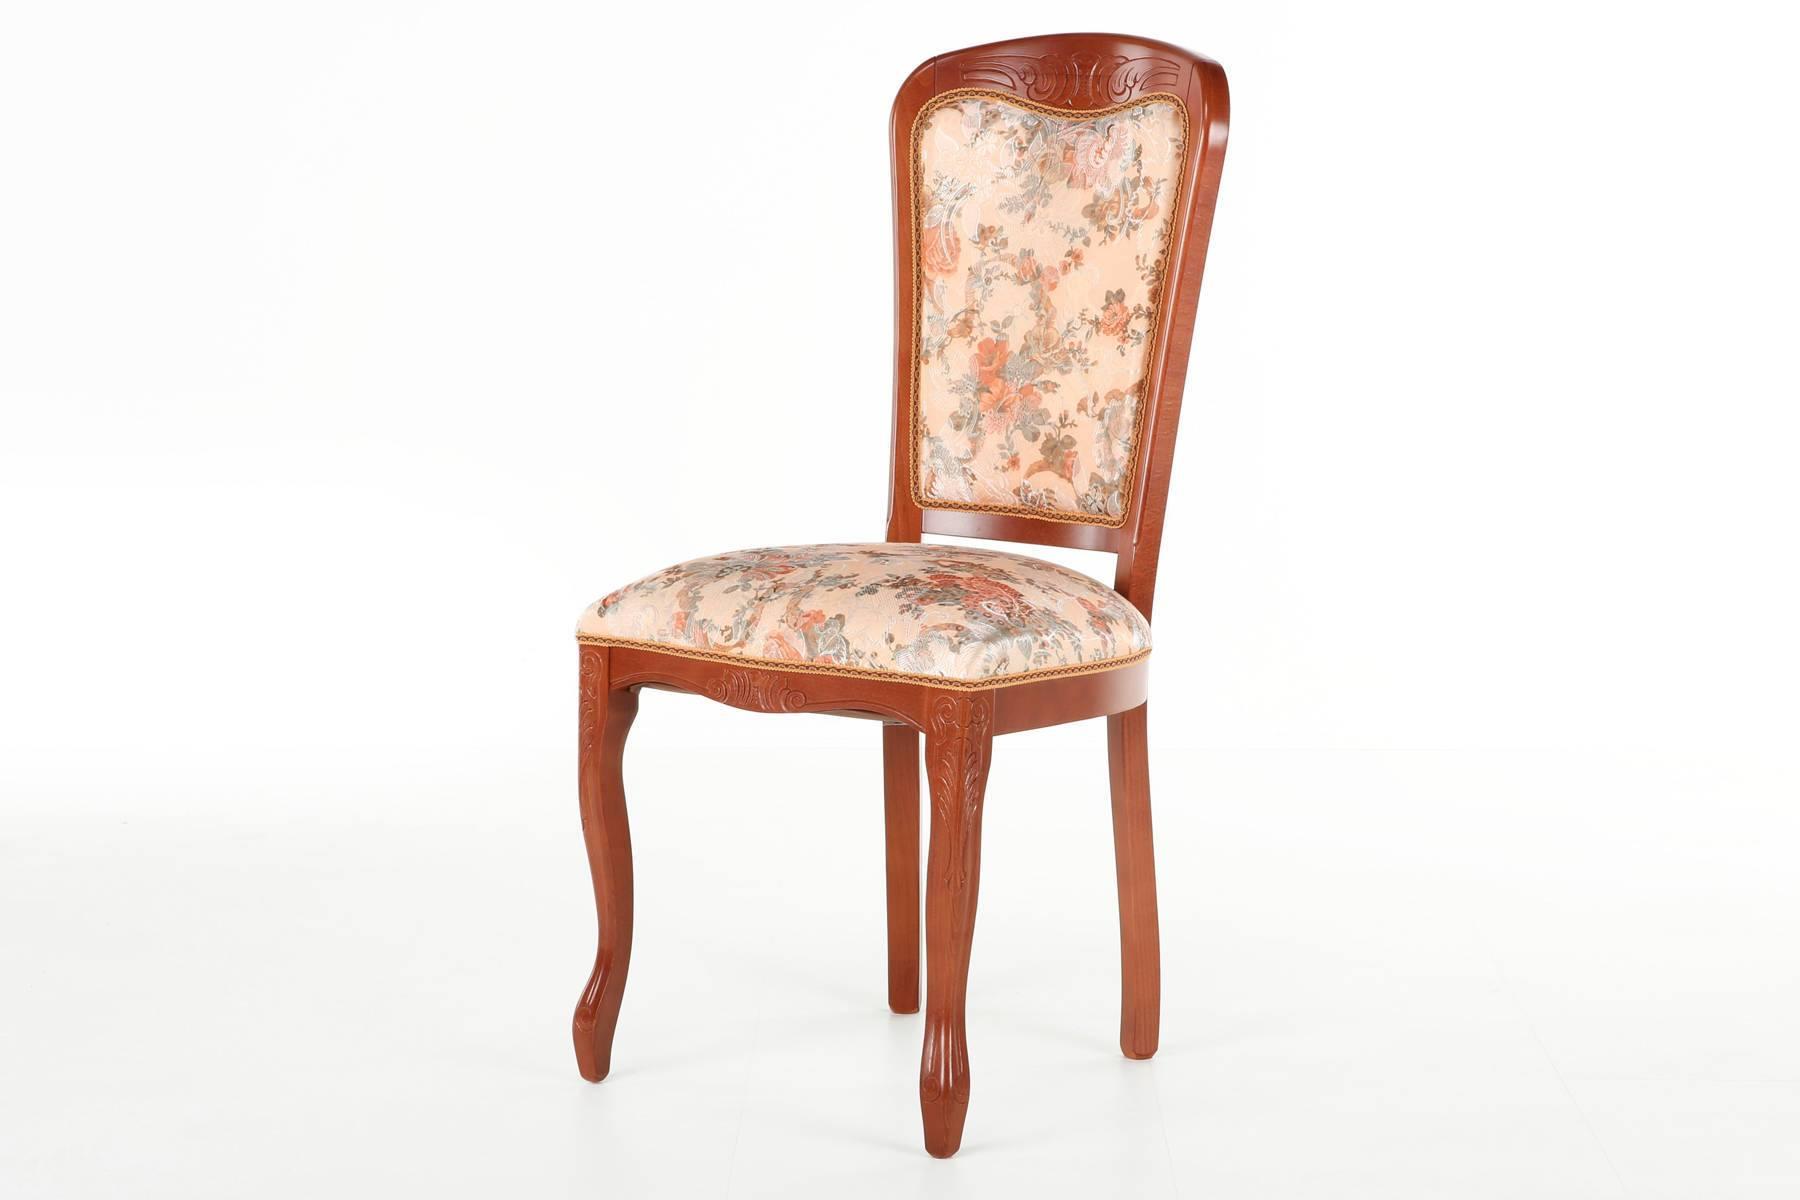 купить кресло кровать бу киев